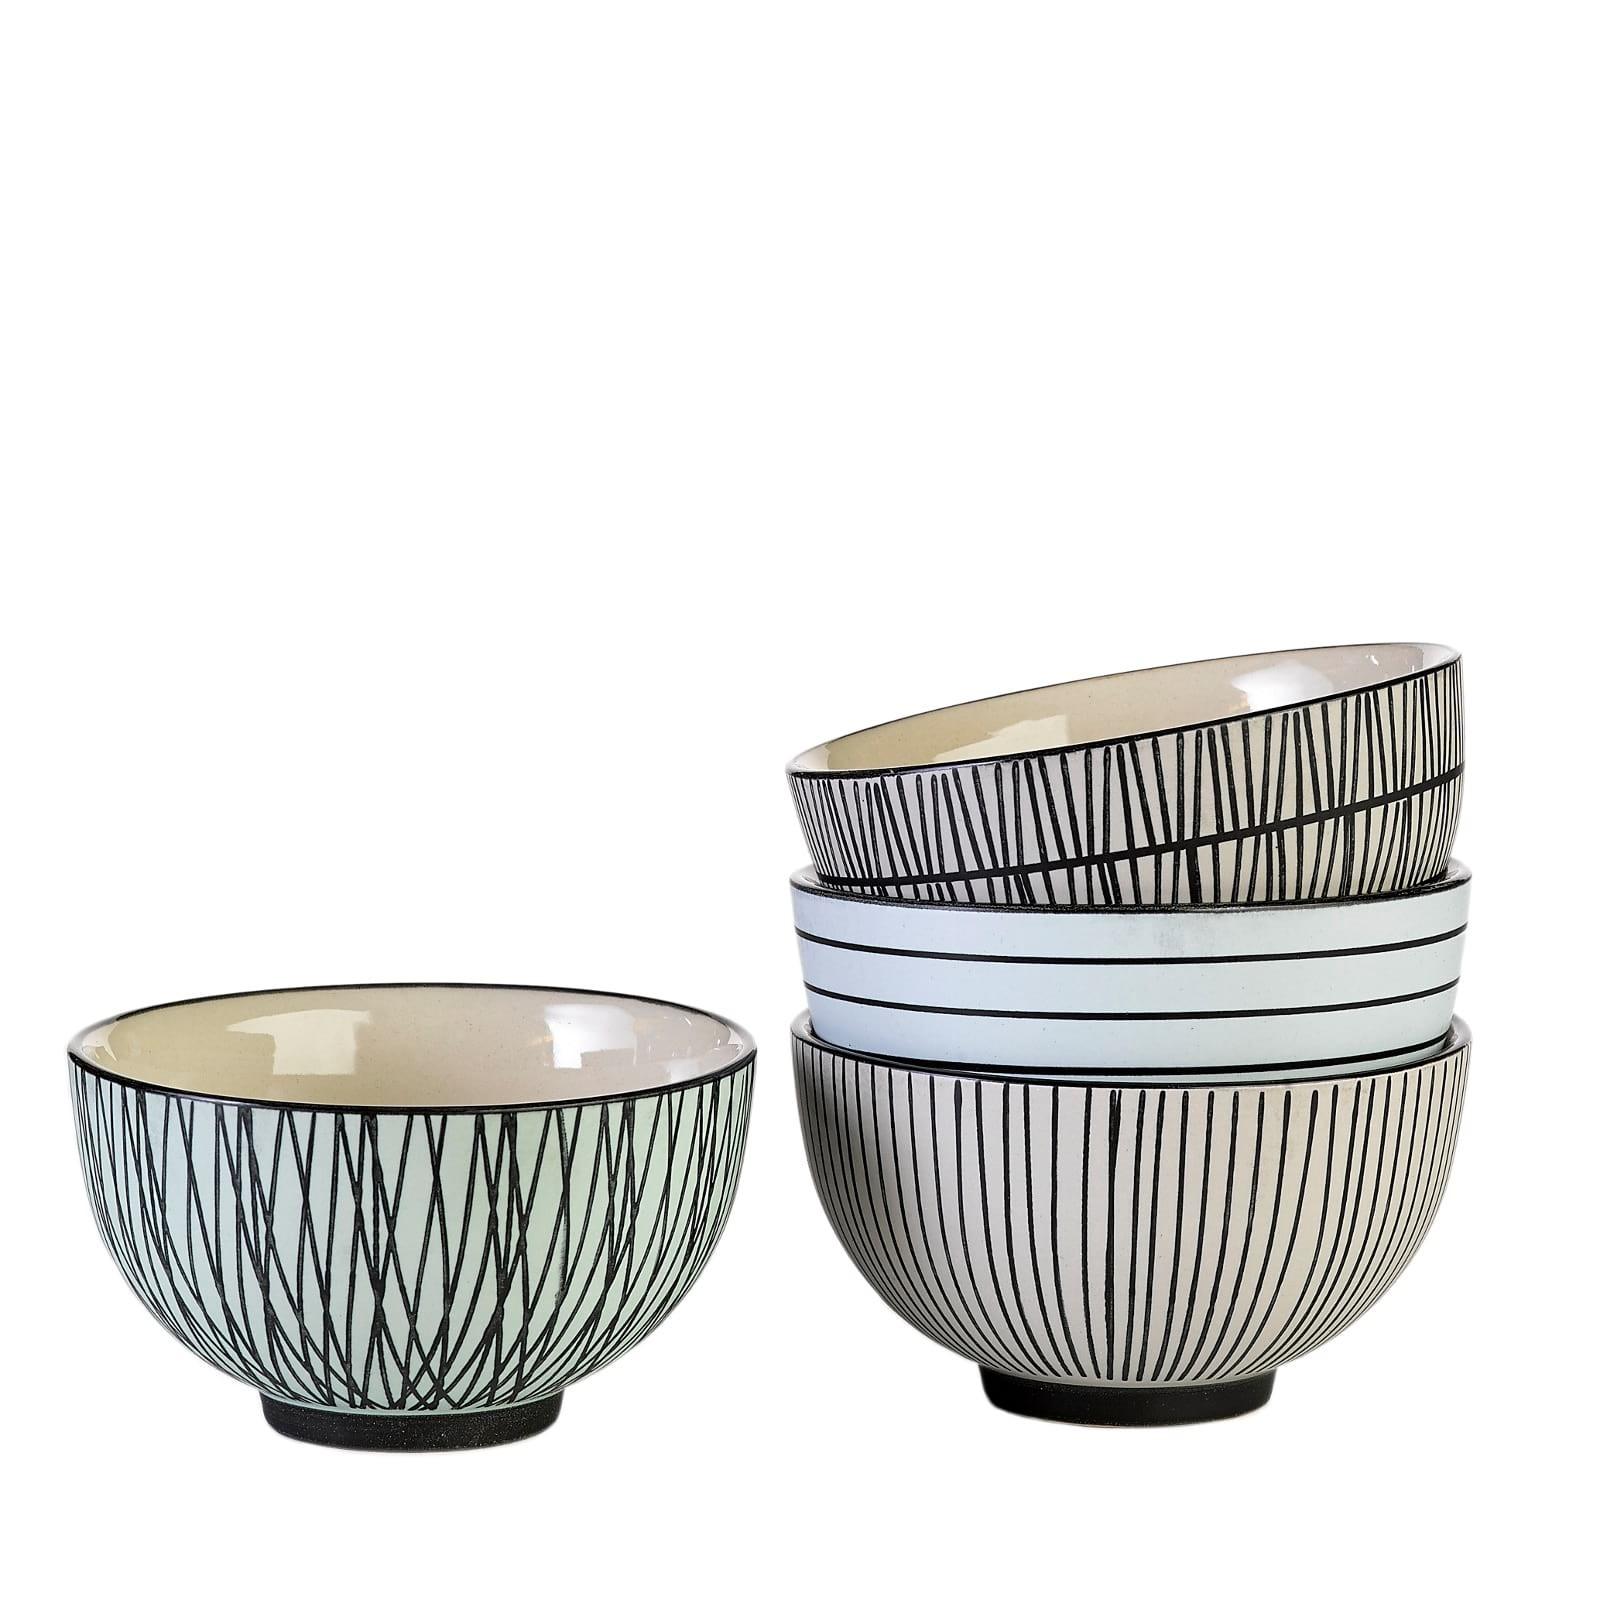 Σετ Μπολ Pastel Afresh (4 Τεμάχια) - pols potten